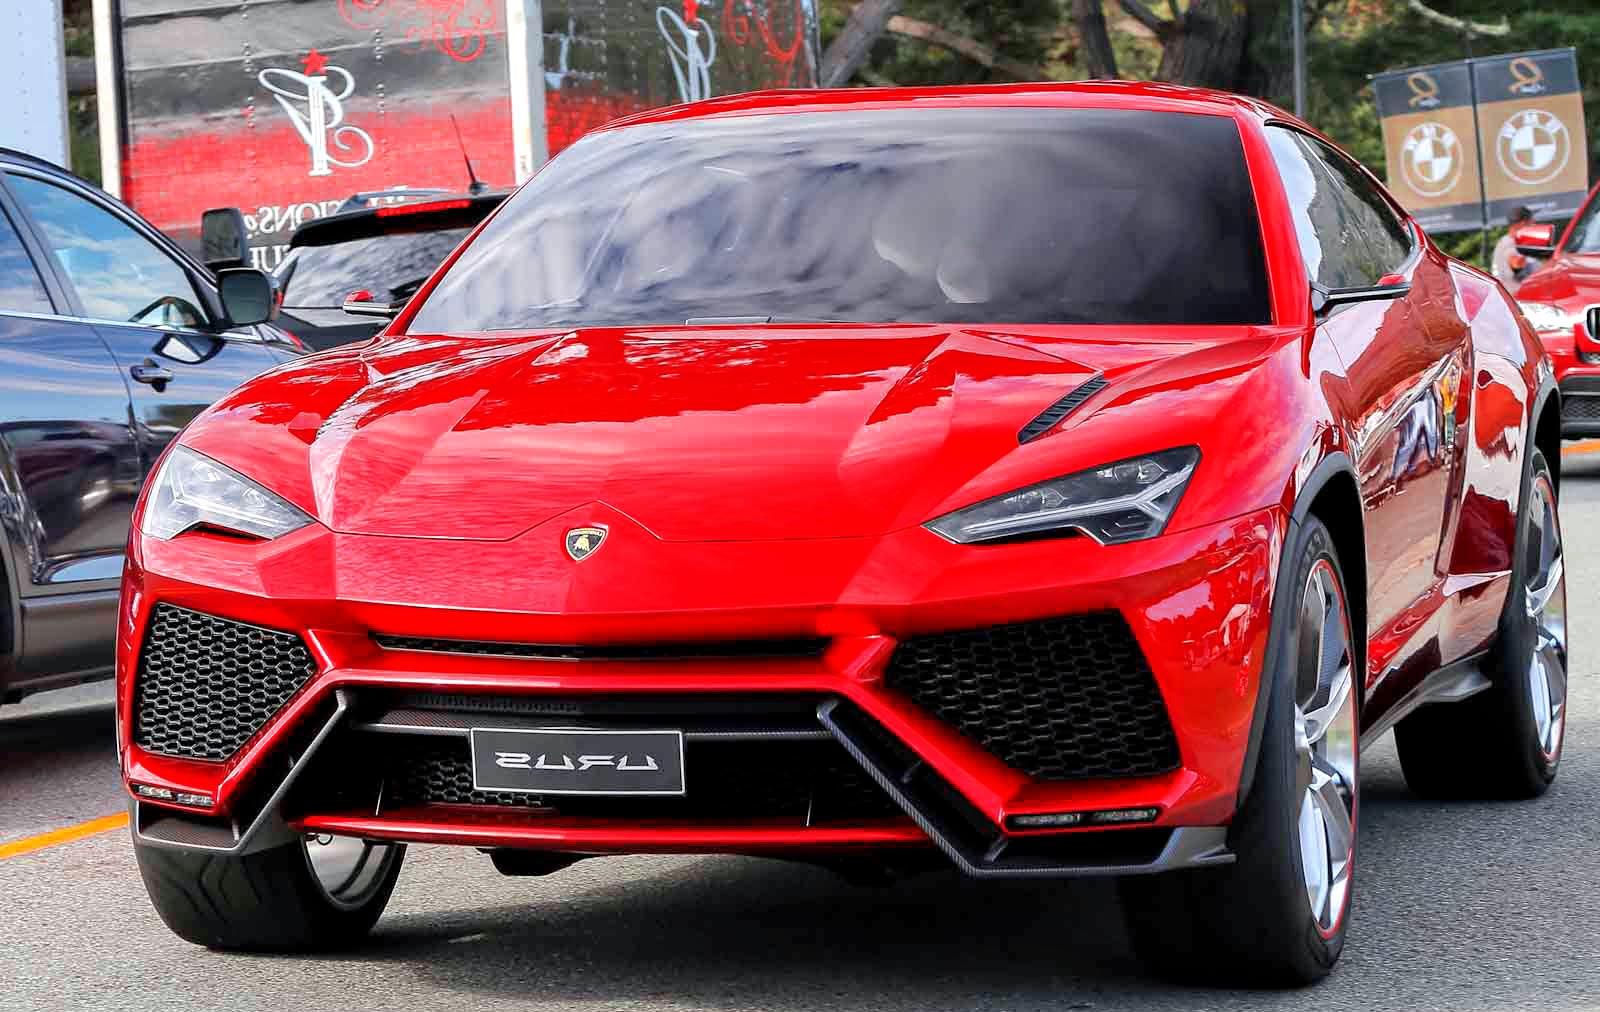 Lamborghini Urus Suv Concept Sport Car Design